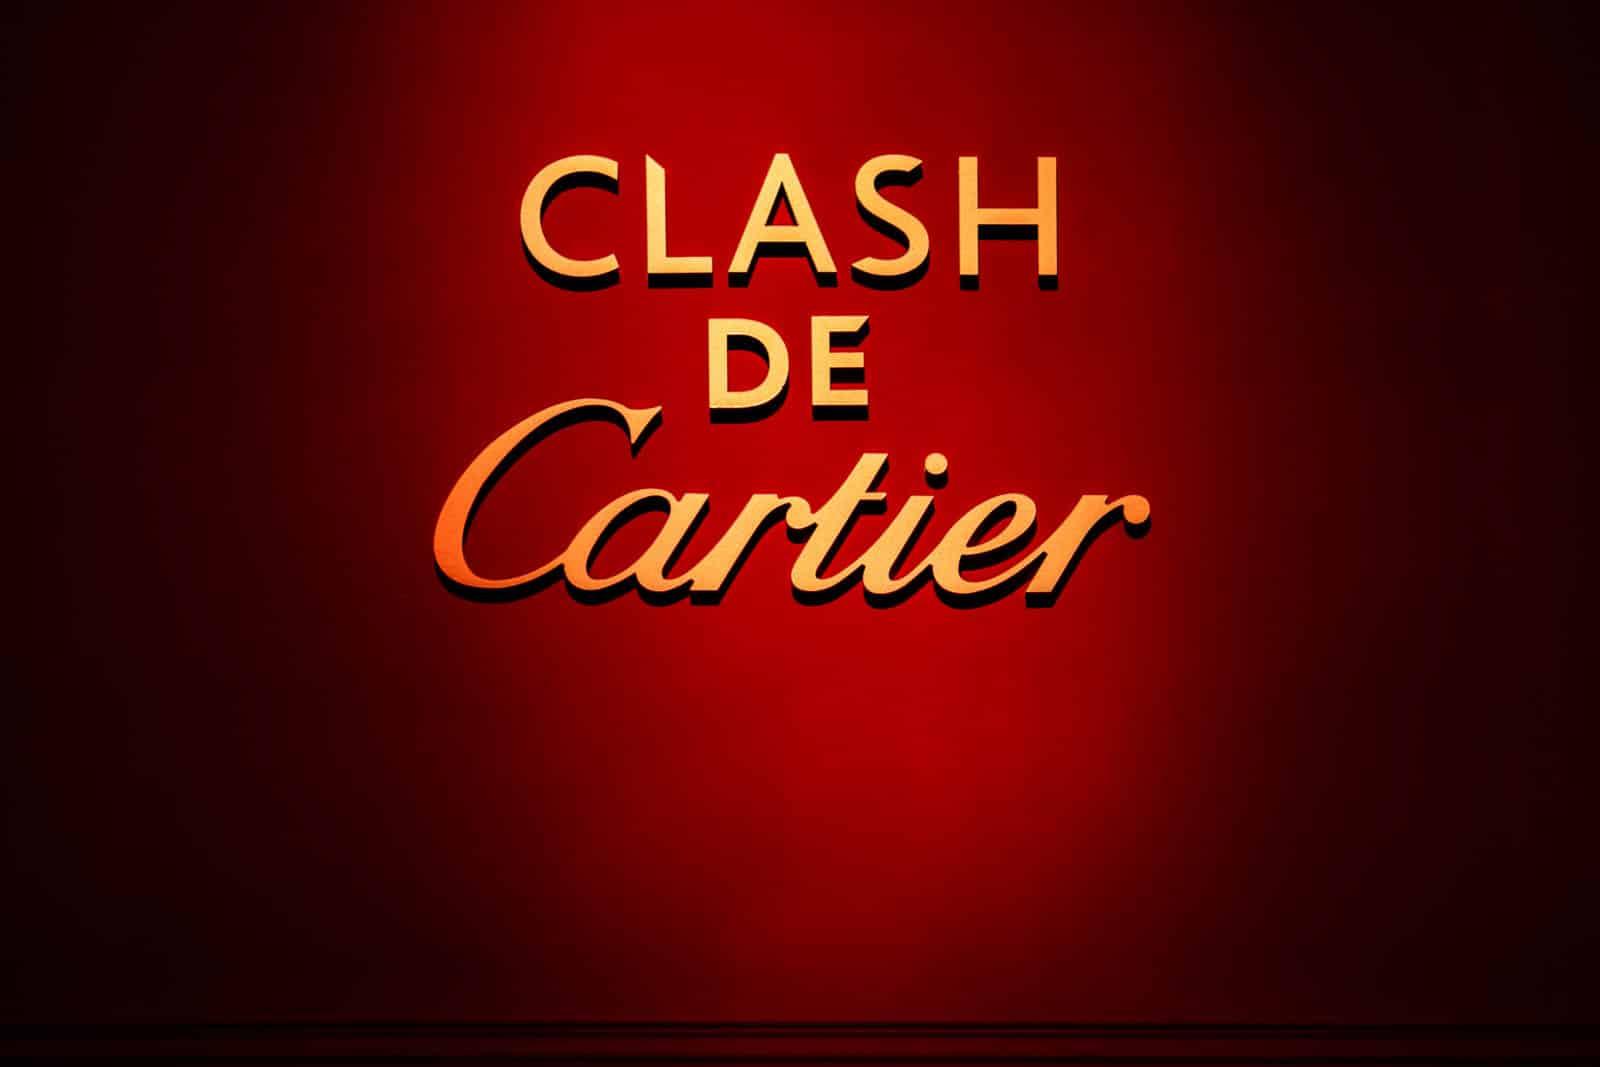 CLASH DE CARTIER